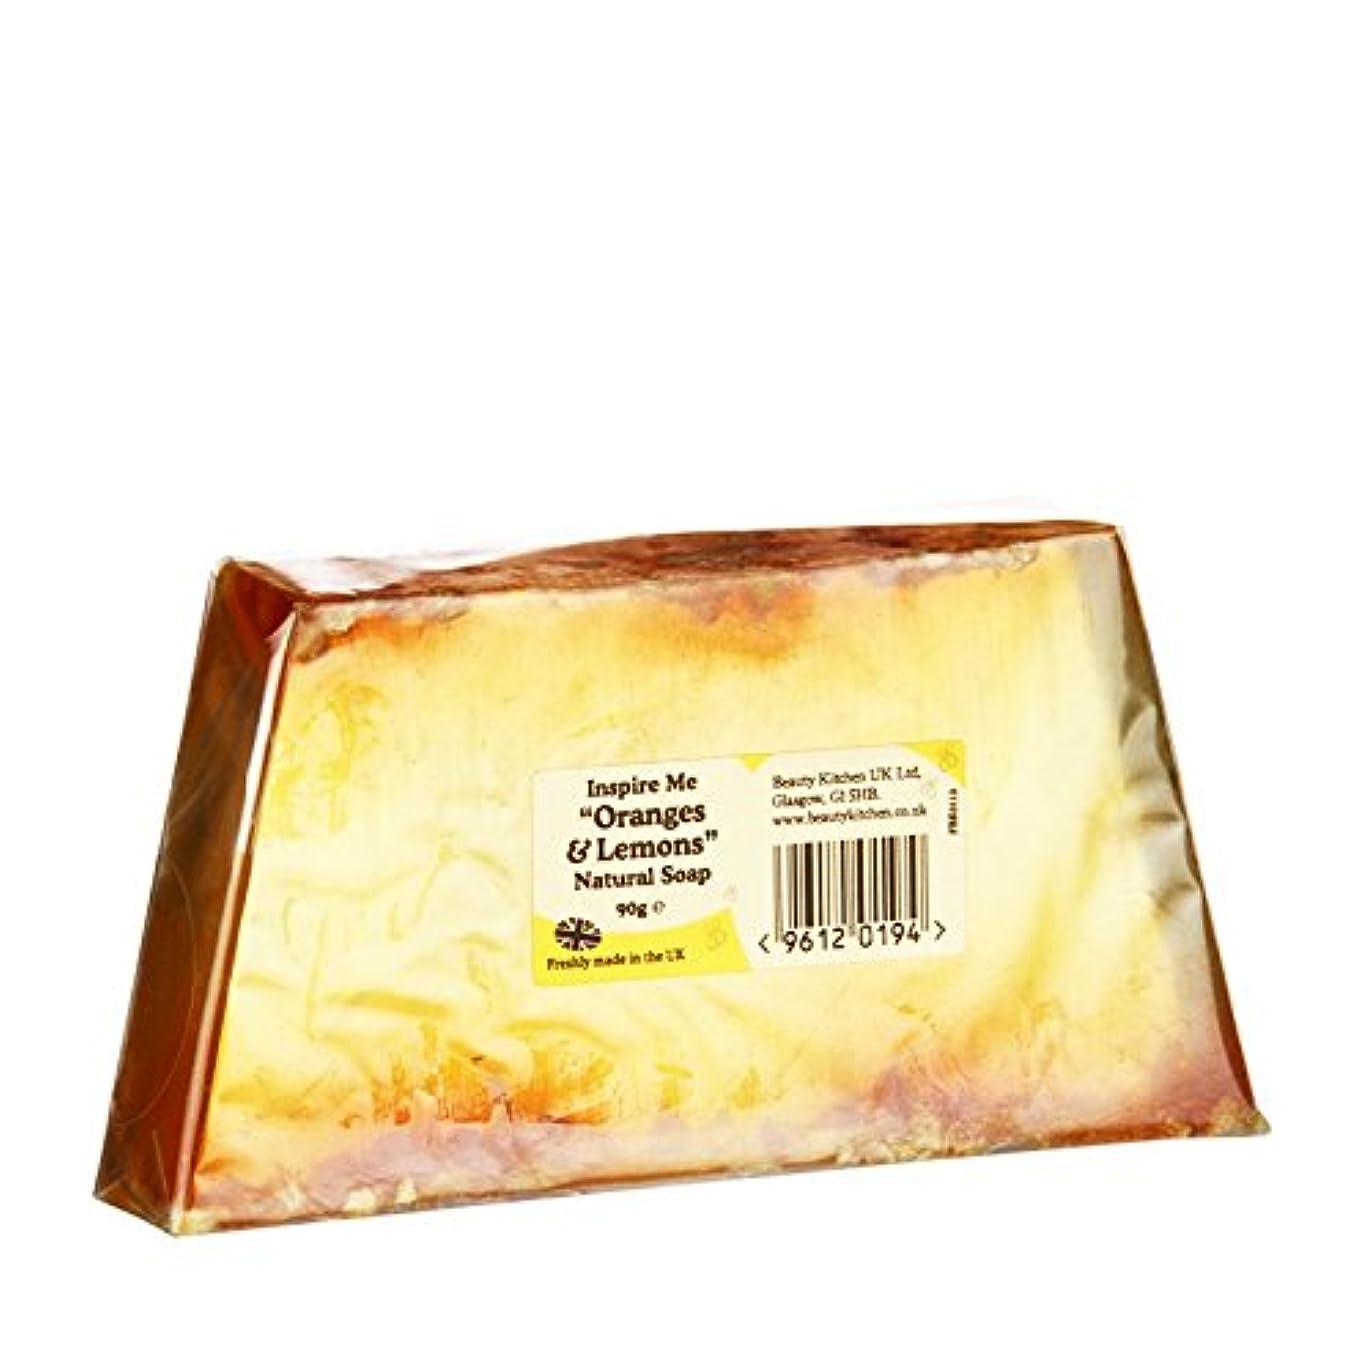 哀れな不定普通にBeauty Kitchen Inspire Me Orange & Lemon Natural Soap 90g (Pack of 6) - 美しさのキッチンは私がオレンジ&レモンの天然石鹸90グラム鼓舞します (x6...